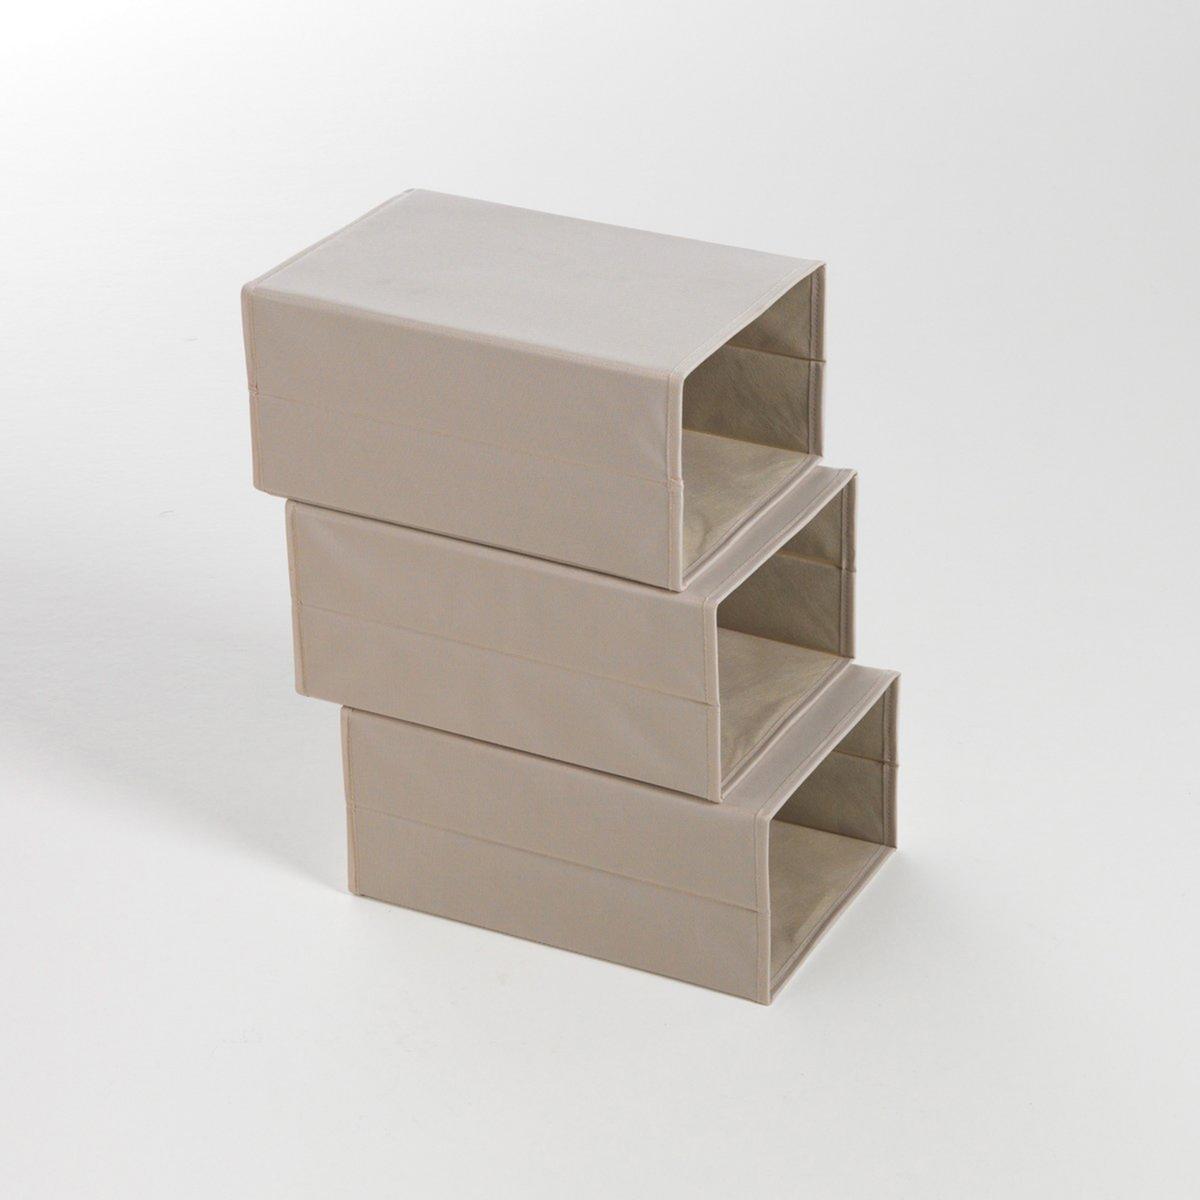 Комплект из 2 складных коробок для хранения обувиКоробки для хранения вещей незаменимы для наведения порядка и защиты Вашей обуви. Можно устанавливать друг на друга для экономии пространства в шкафу. Характеристики коробки для хранения вещей :- Из твердого картона, покрытого полиэстером, цвет экрю. Описание коробки для хранения вещей :- Складывающаяся для легкого хранения.- Открывается спереди для легкого доступа.Коробка поставляется готовой к сборке, инструкция прилагается.Размеры :  -  Ш.23,5 x В.16,5 x Г.35,5 см.<br><br>Цвет: серо-коричневый каштан